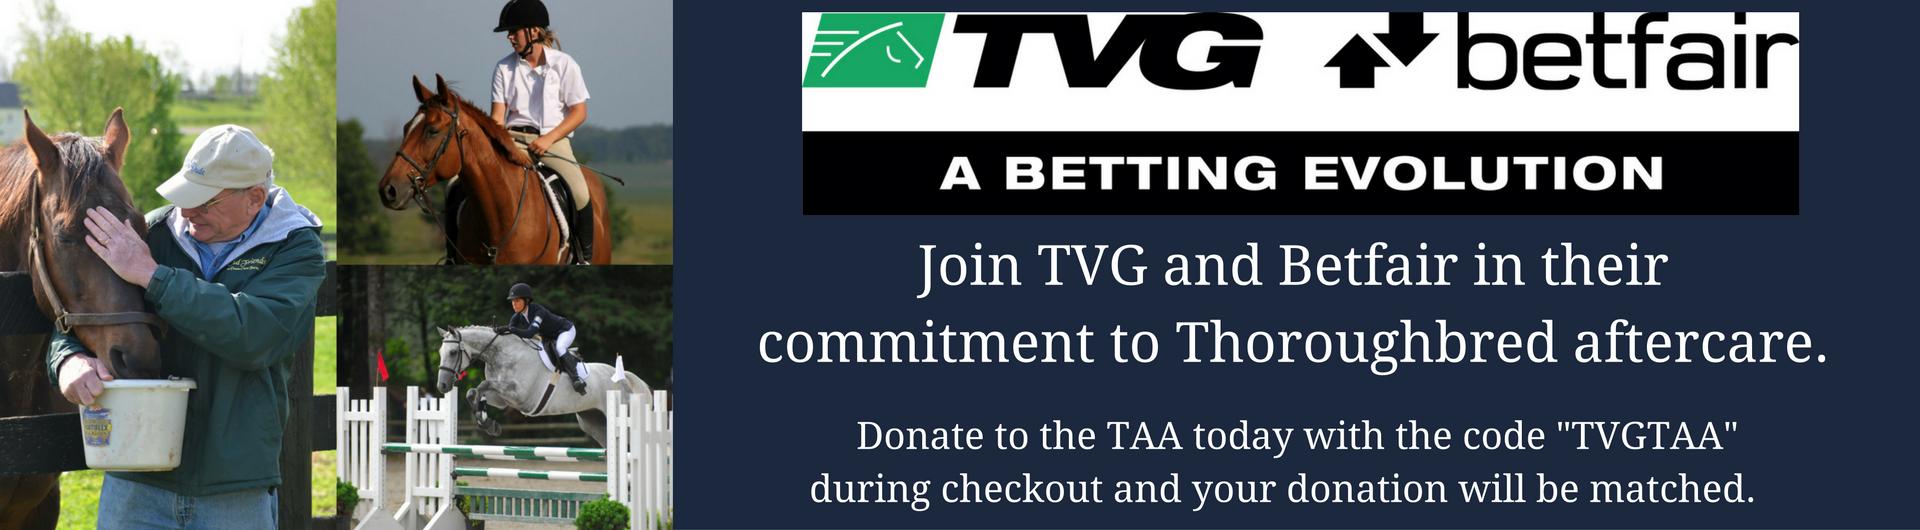 TVG Betfair for website3 (2)